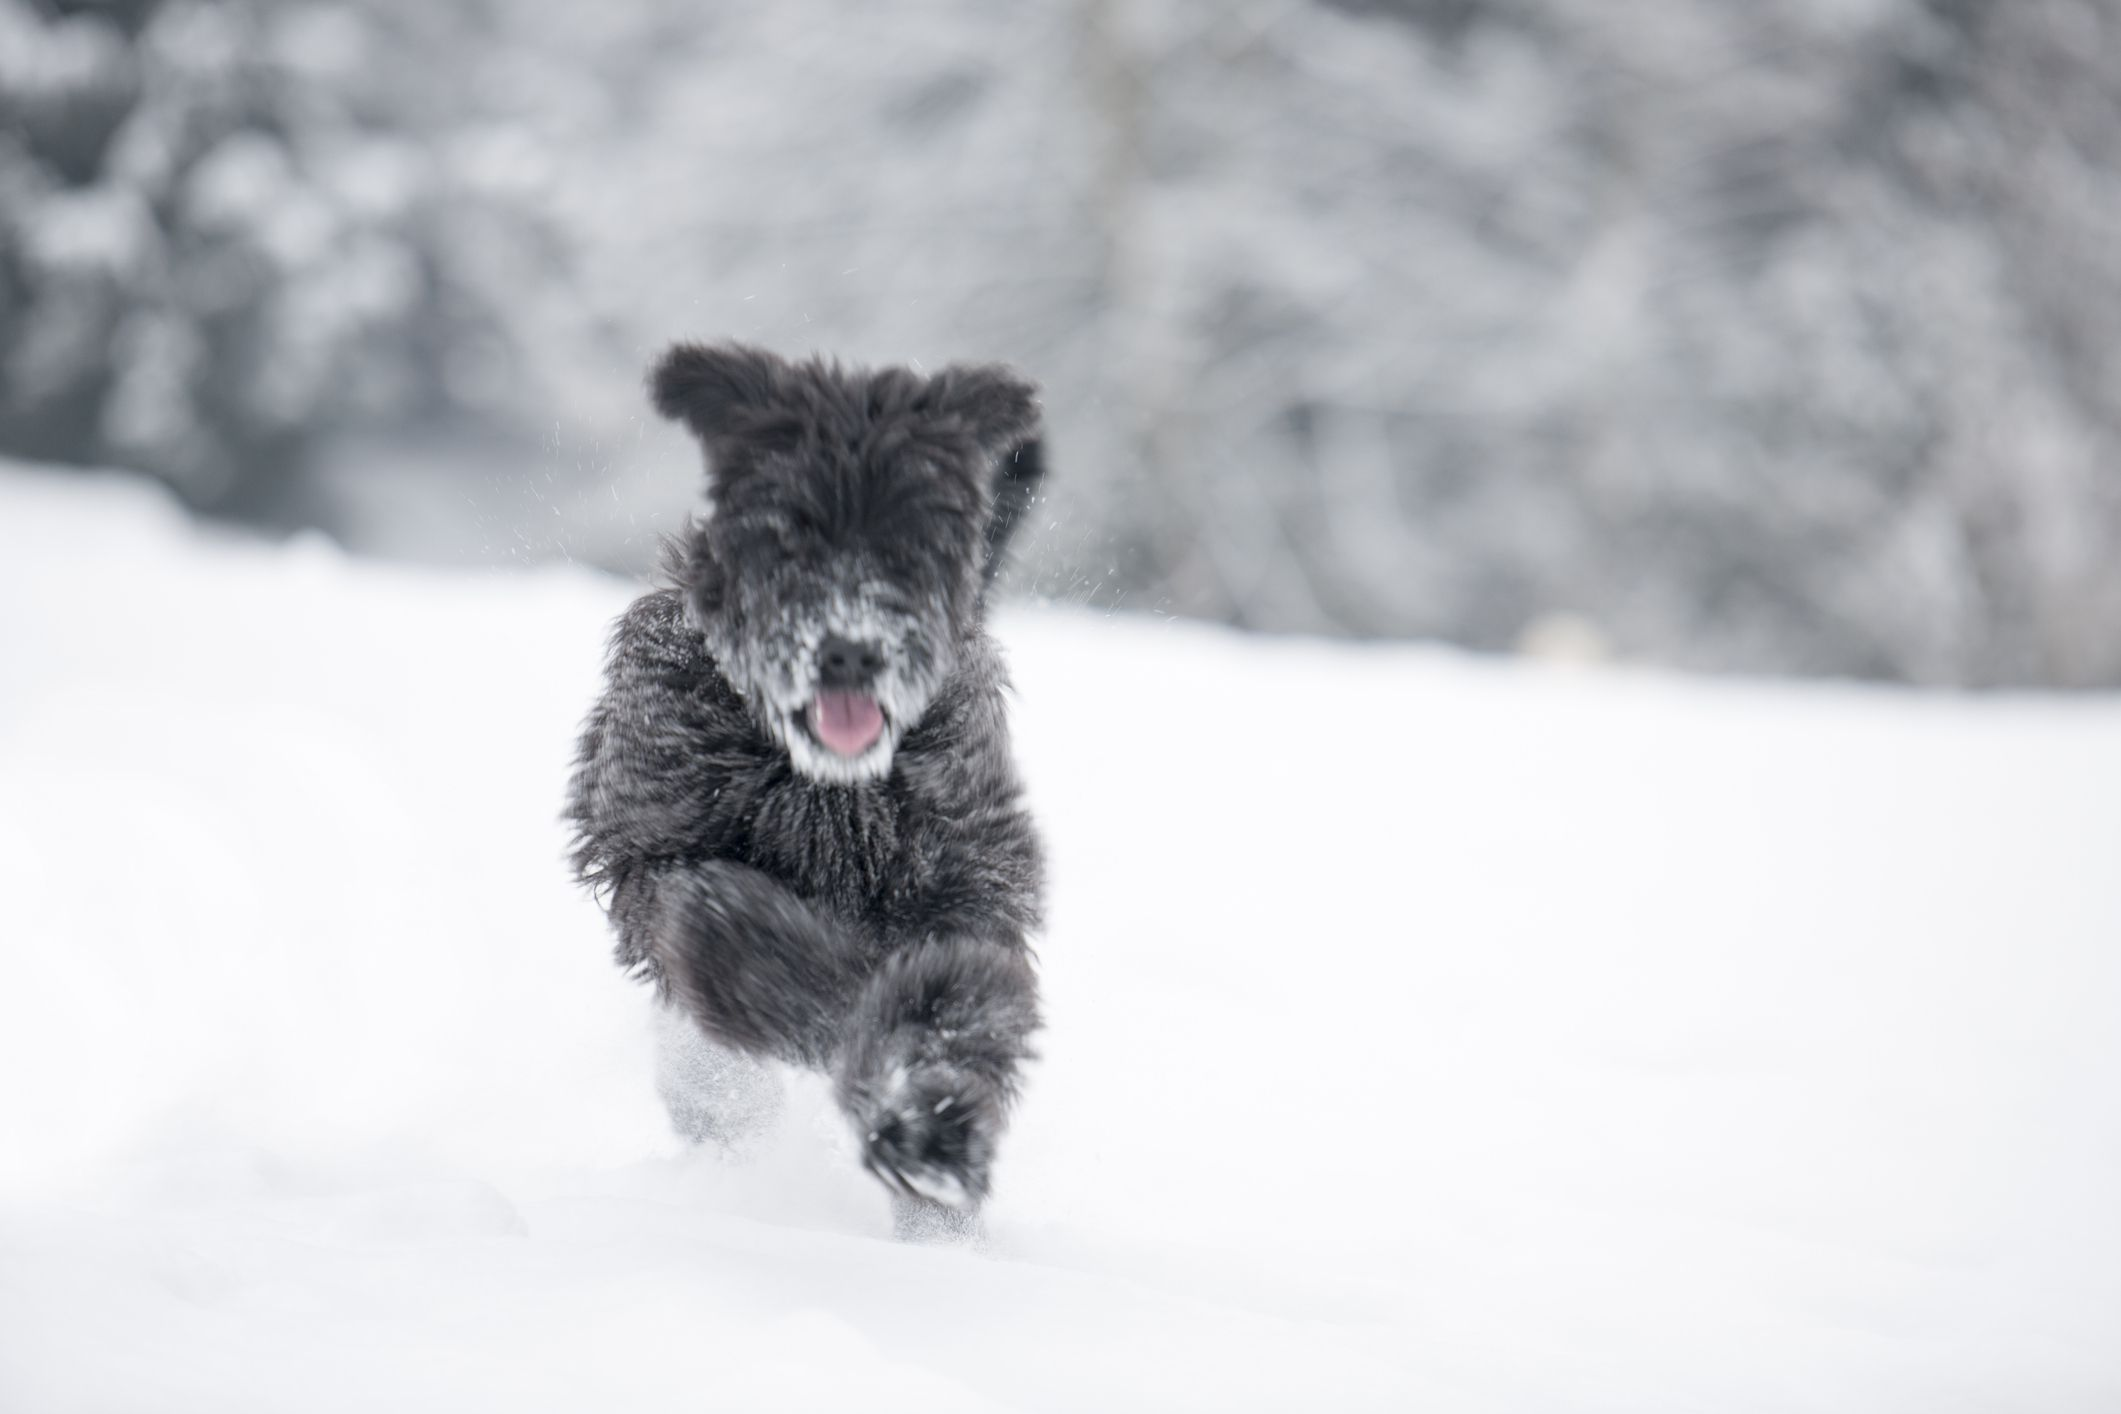 Black Briard puppy running through the snow.